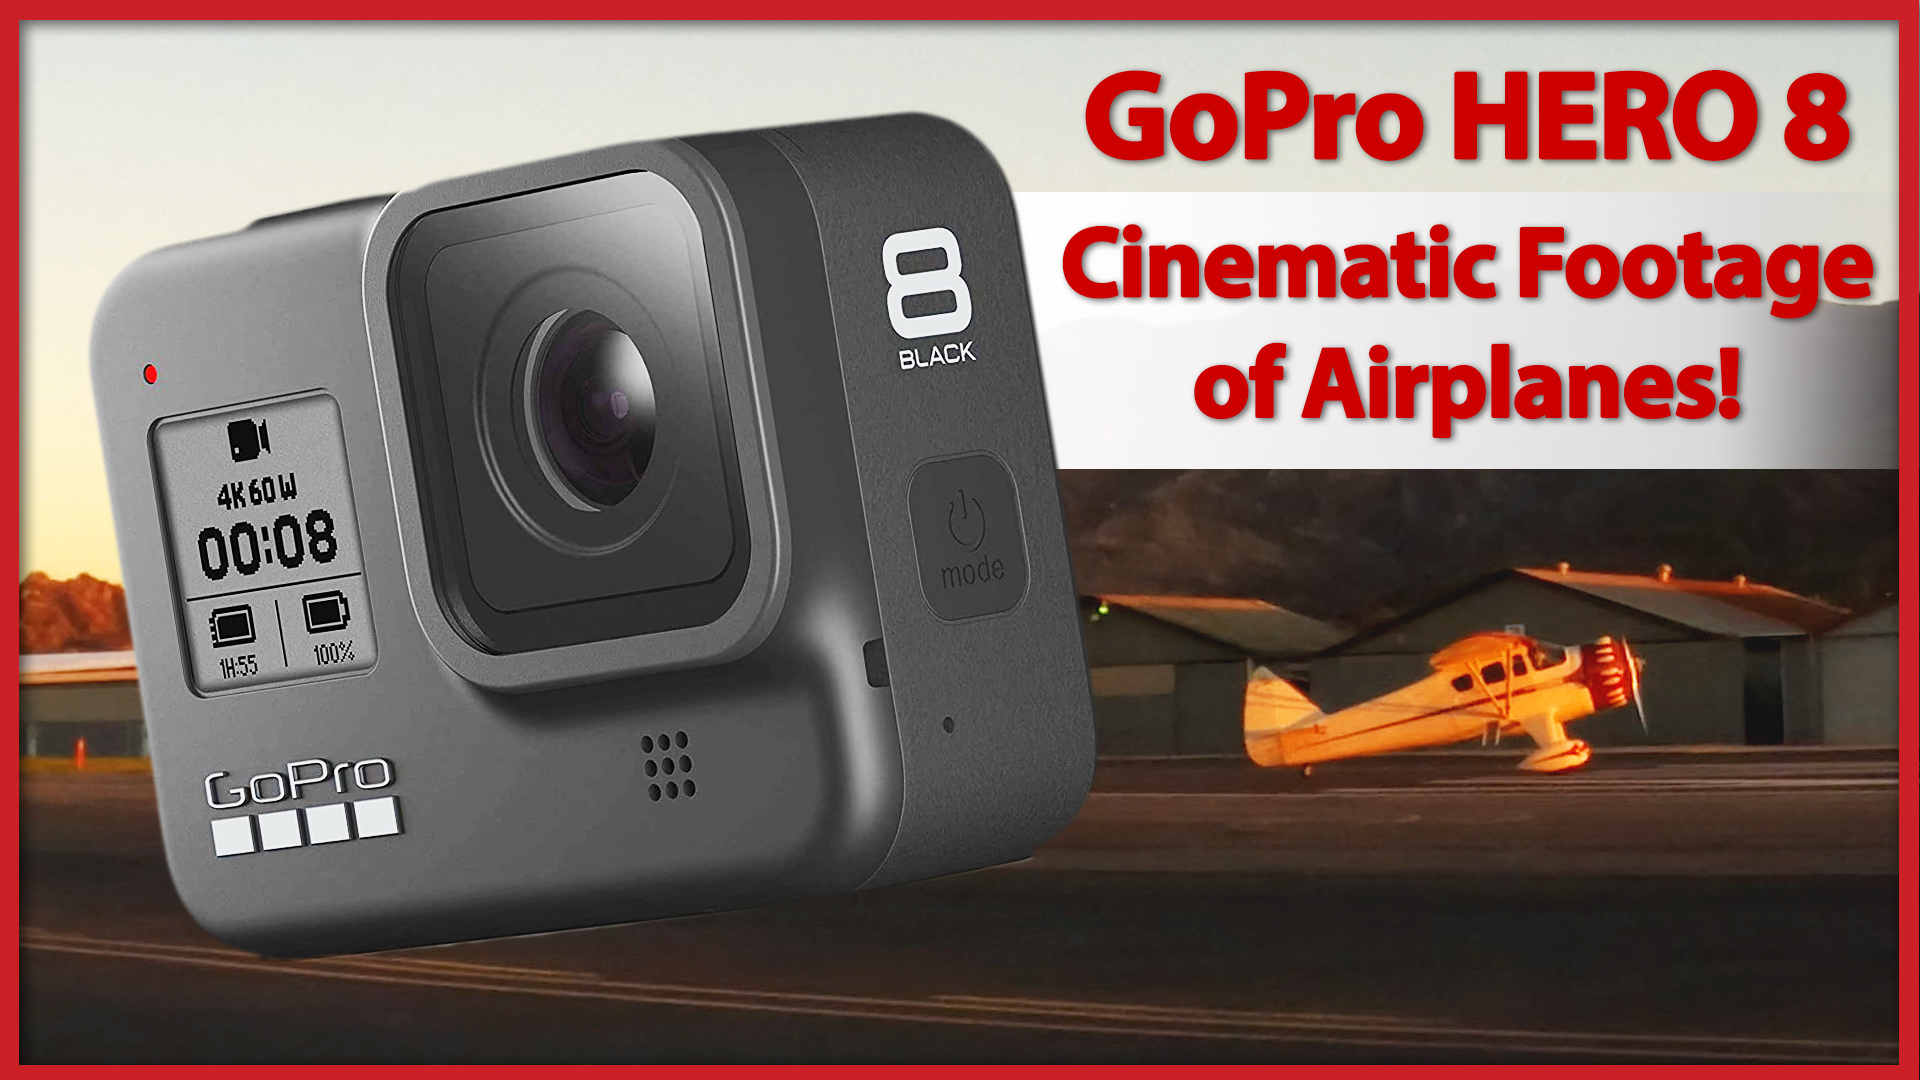 GoPro HERO 8 Black Cinematic Footage